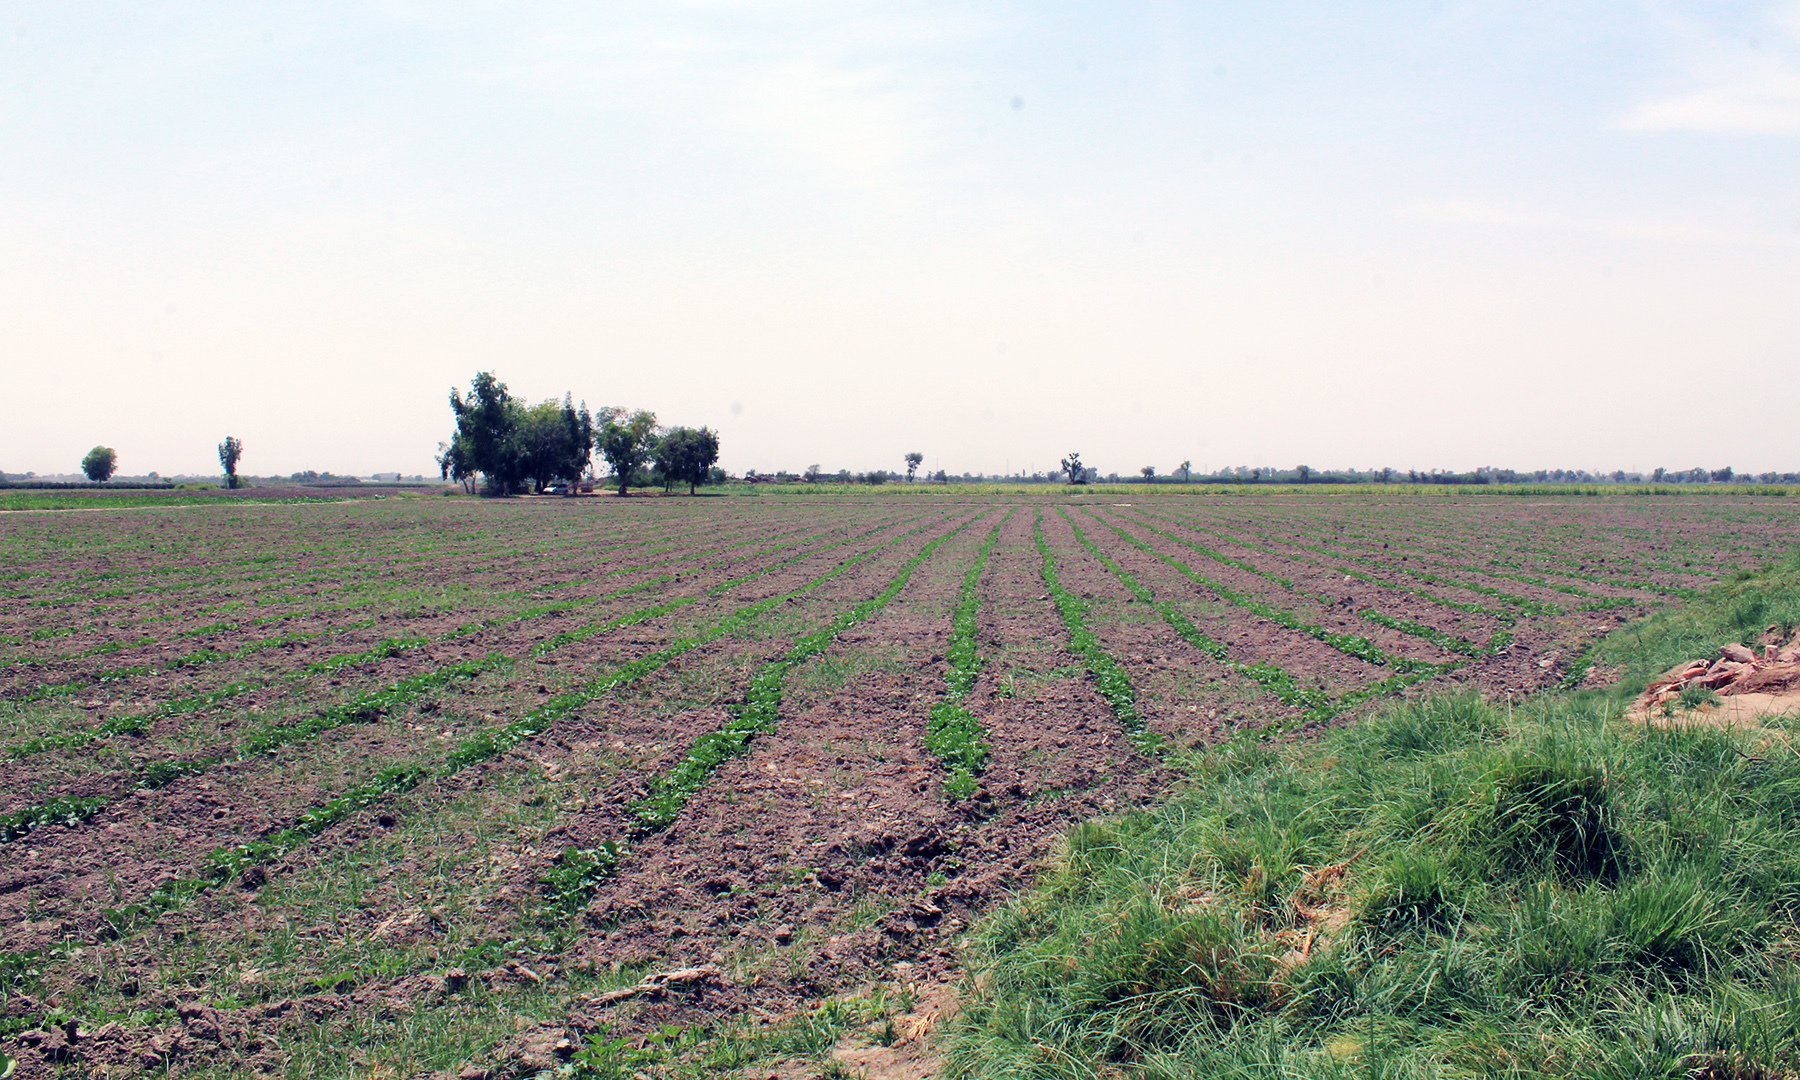 میانی اور دوبے والی جنگوں کا میدان جنگ جہاں اب لہلہاتے کھیت نظر آتے ہیں — تصویر اختر حفیظ